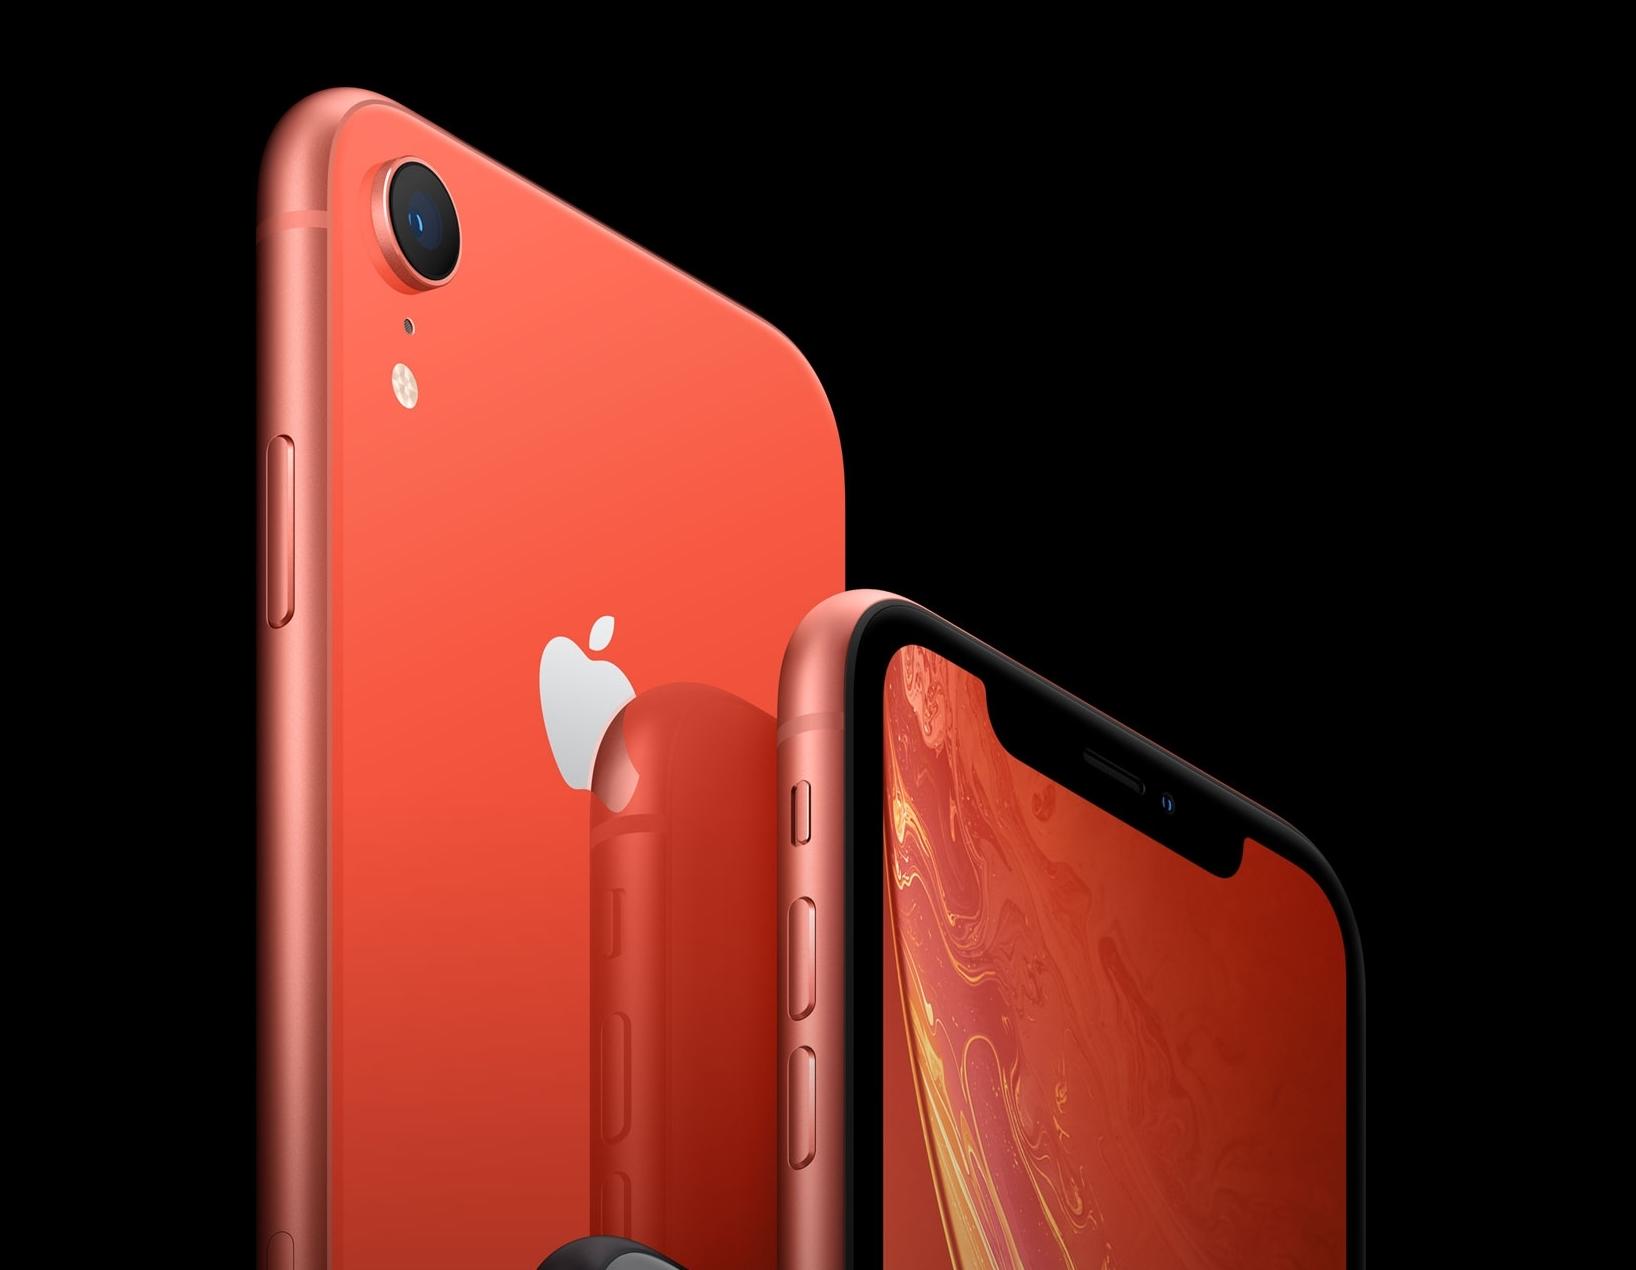 iPhone Xr har bedre batterilevetid enn Xs Max - slik er batteriene